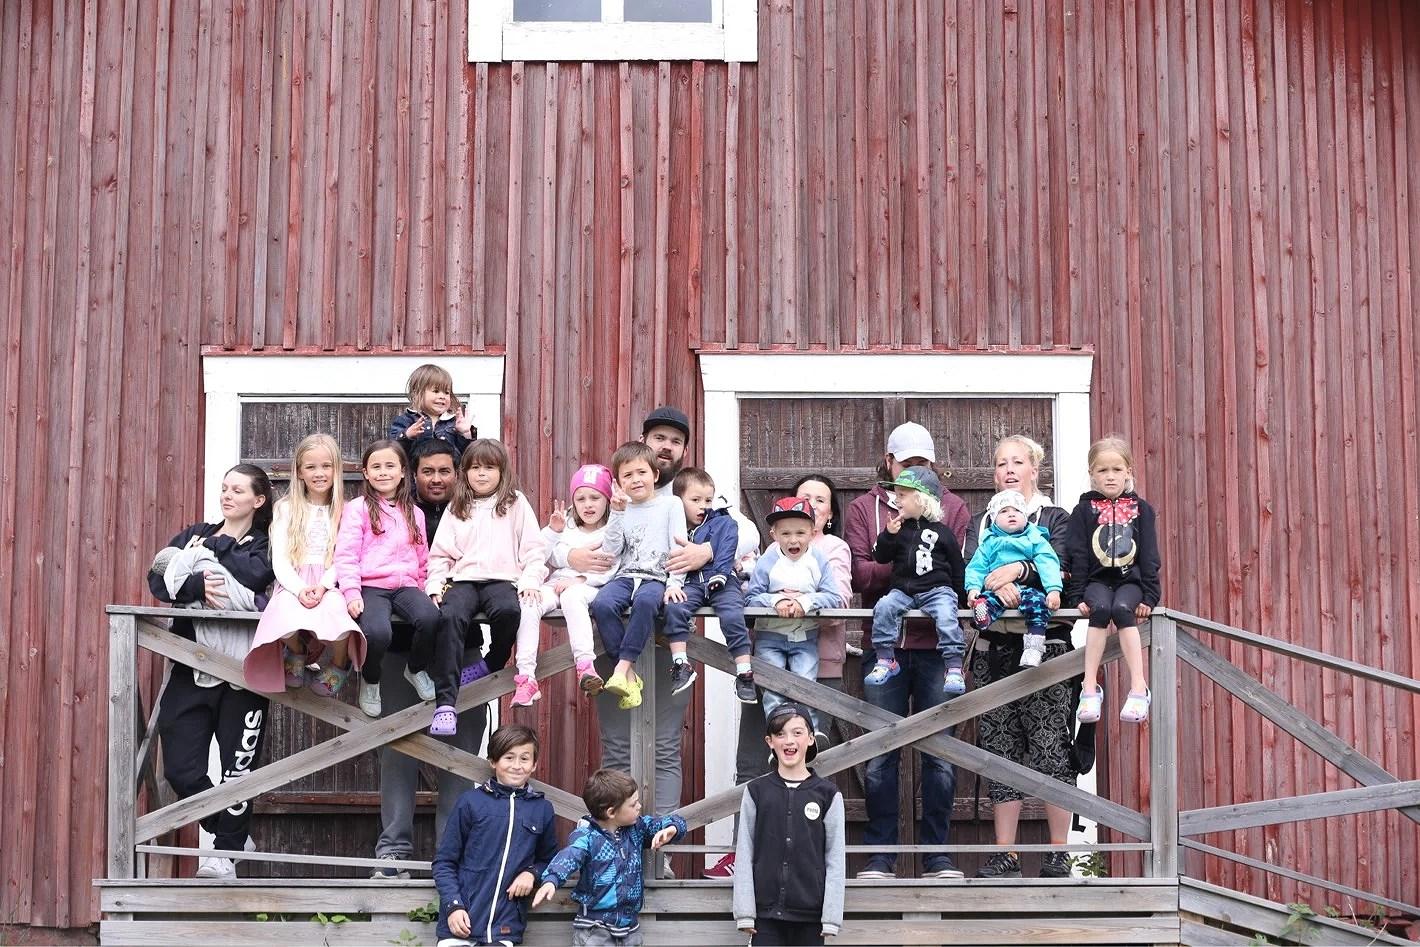 Hejdå underbara Norrland!